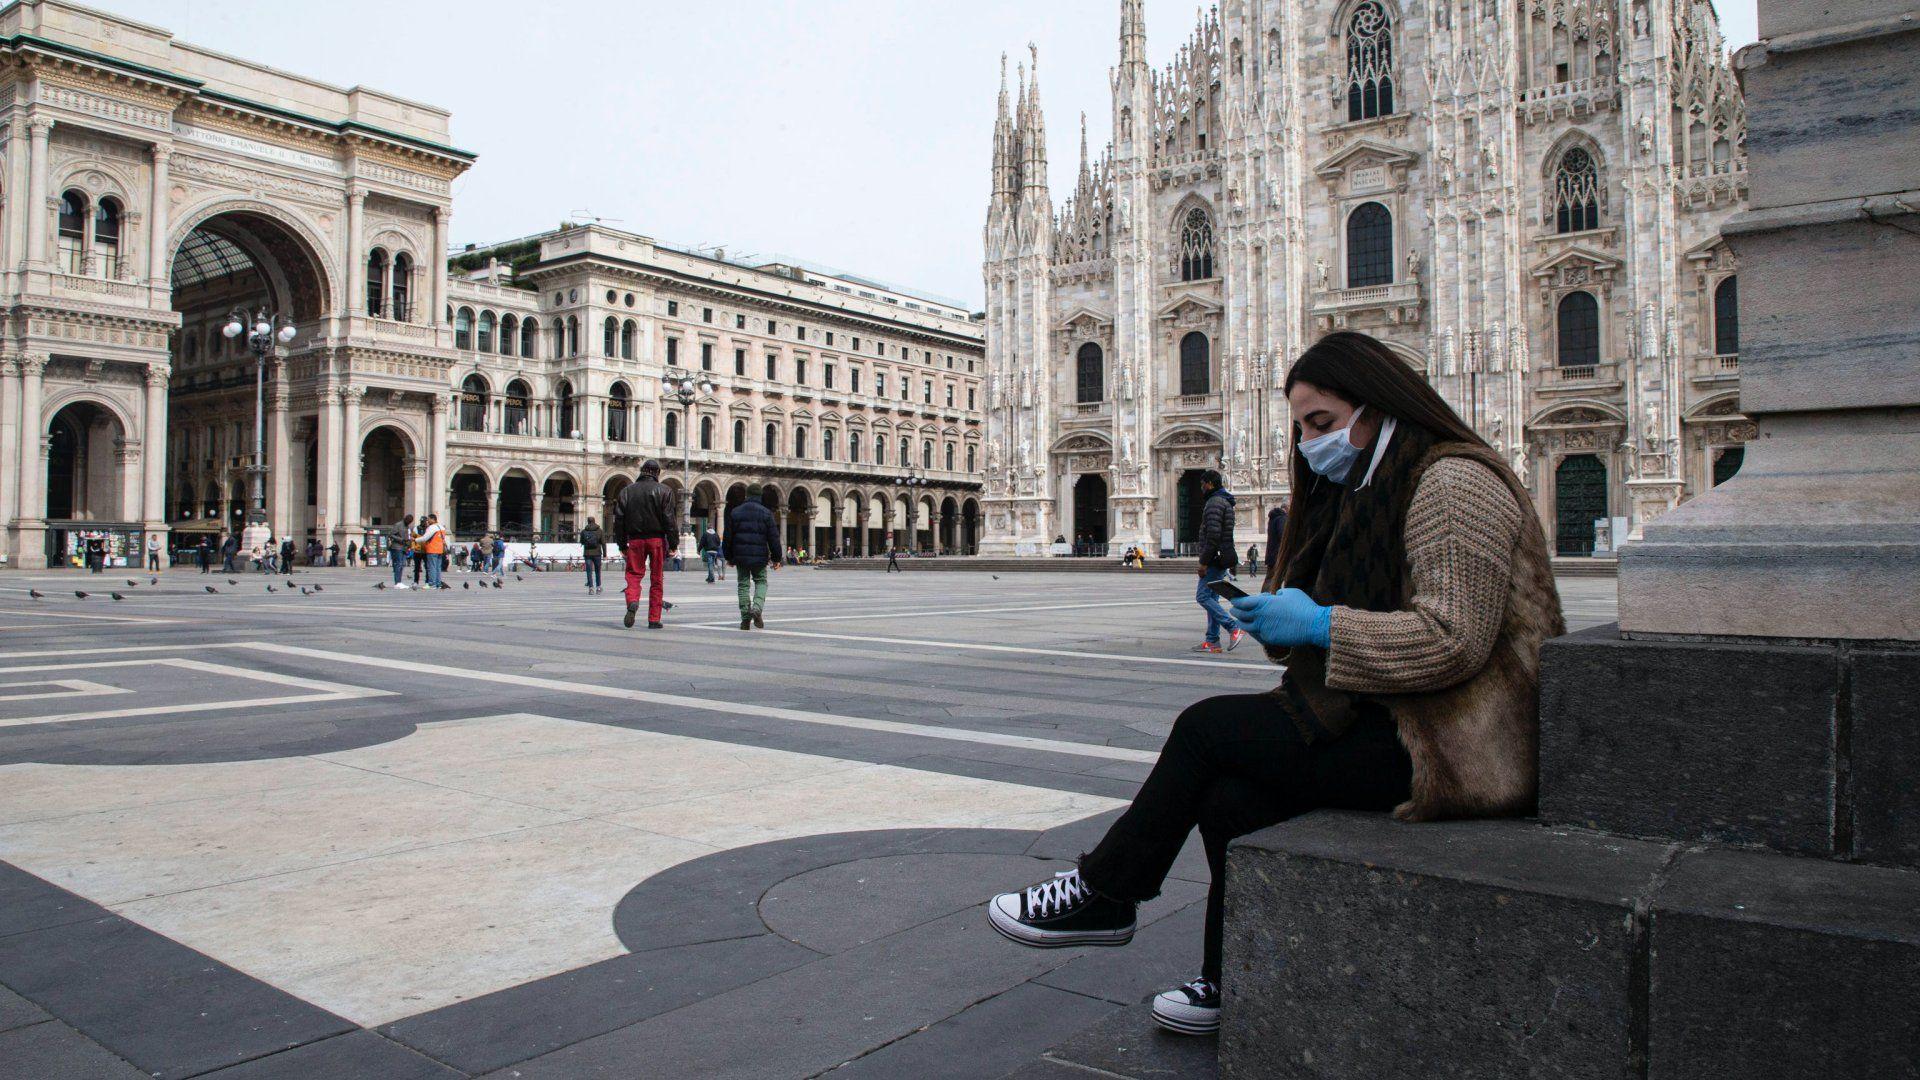 Védőmaszkos nő nézi a telefonját a milánói dóm előtt 2020. március 10-én (fotó:MTI/EPA/ANSA/Marco Ottico)